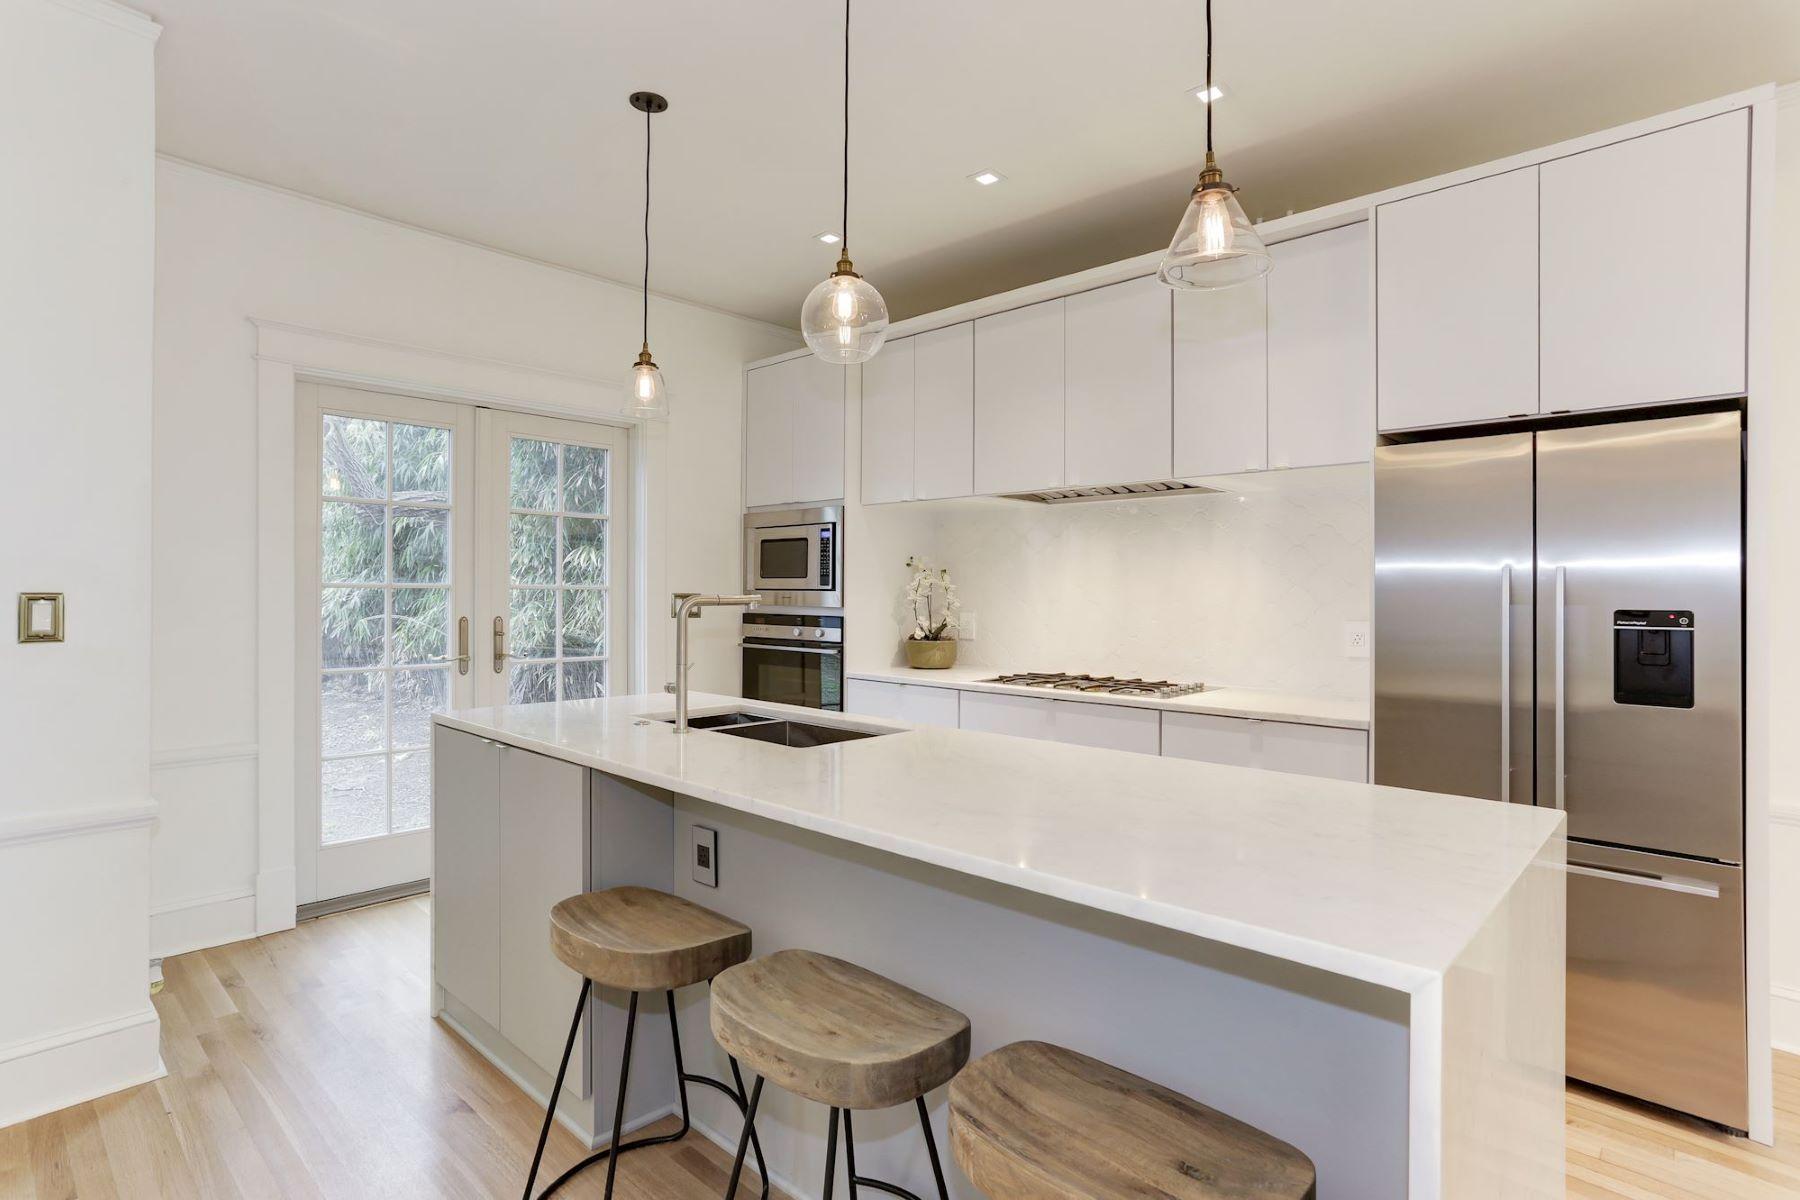 Einfamilienhaus für Verkauf beim Homewood 8 Mckendree Ave Annapolis, Maryland, 21401 Vereinigte Staaten